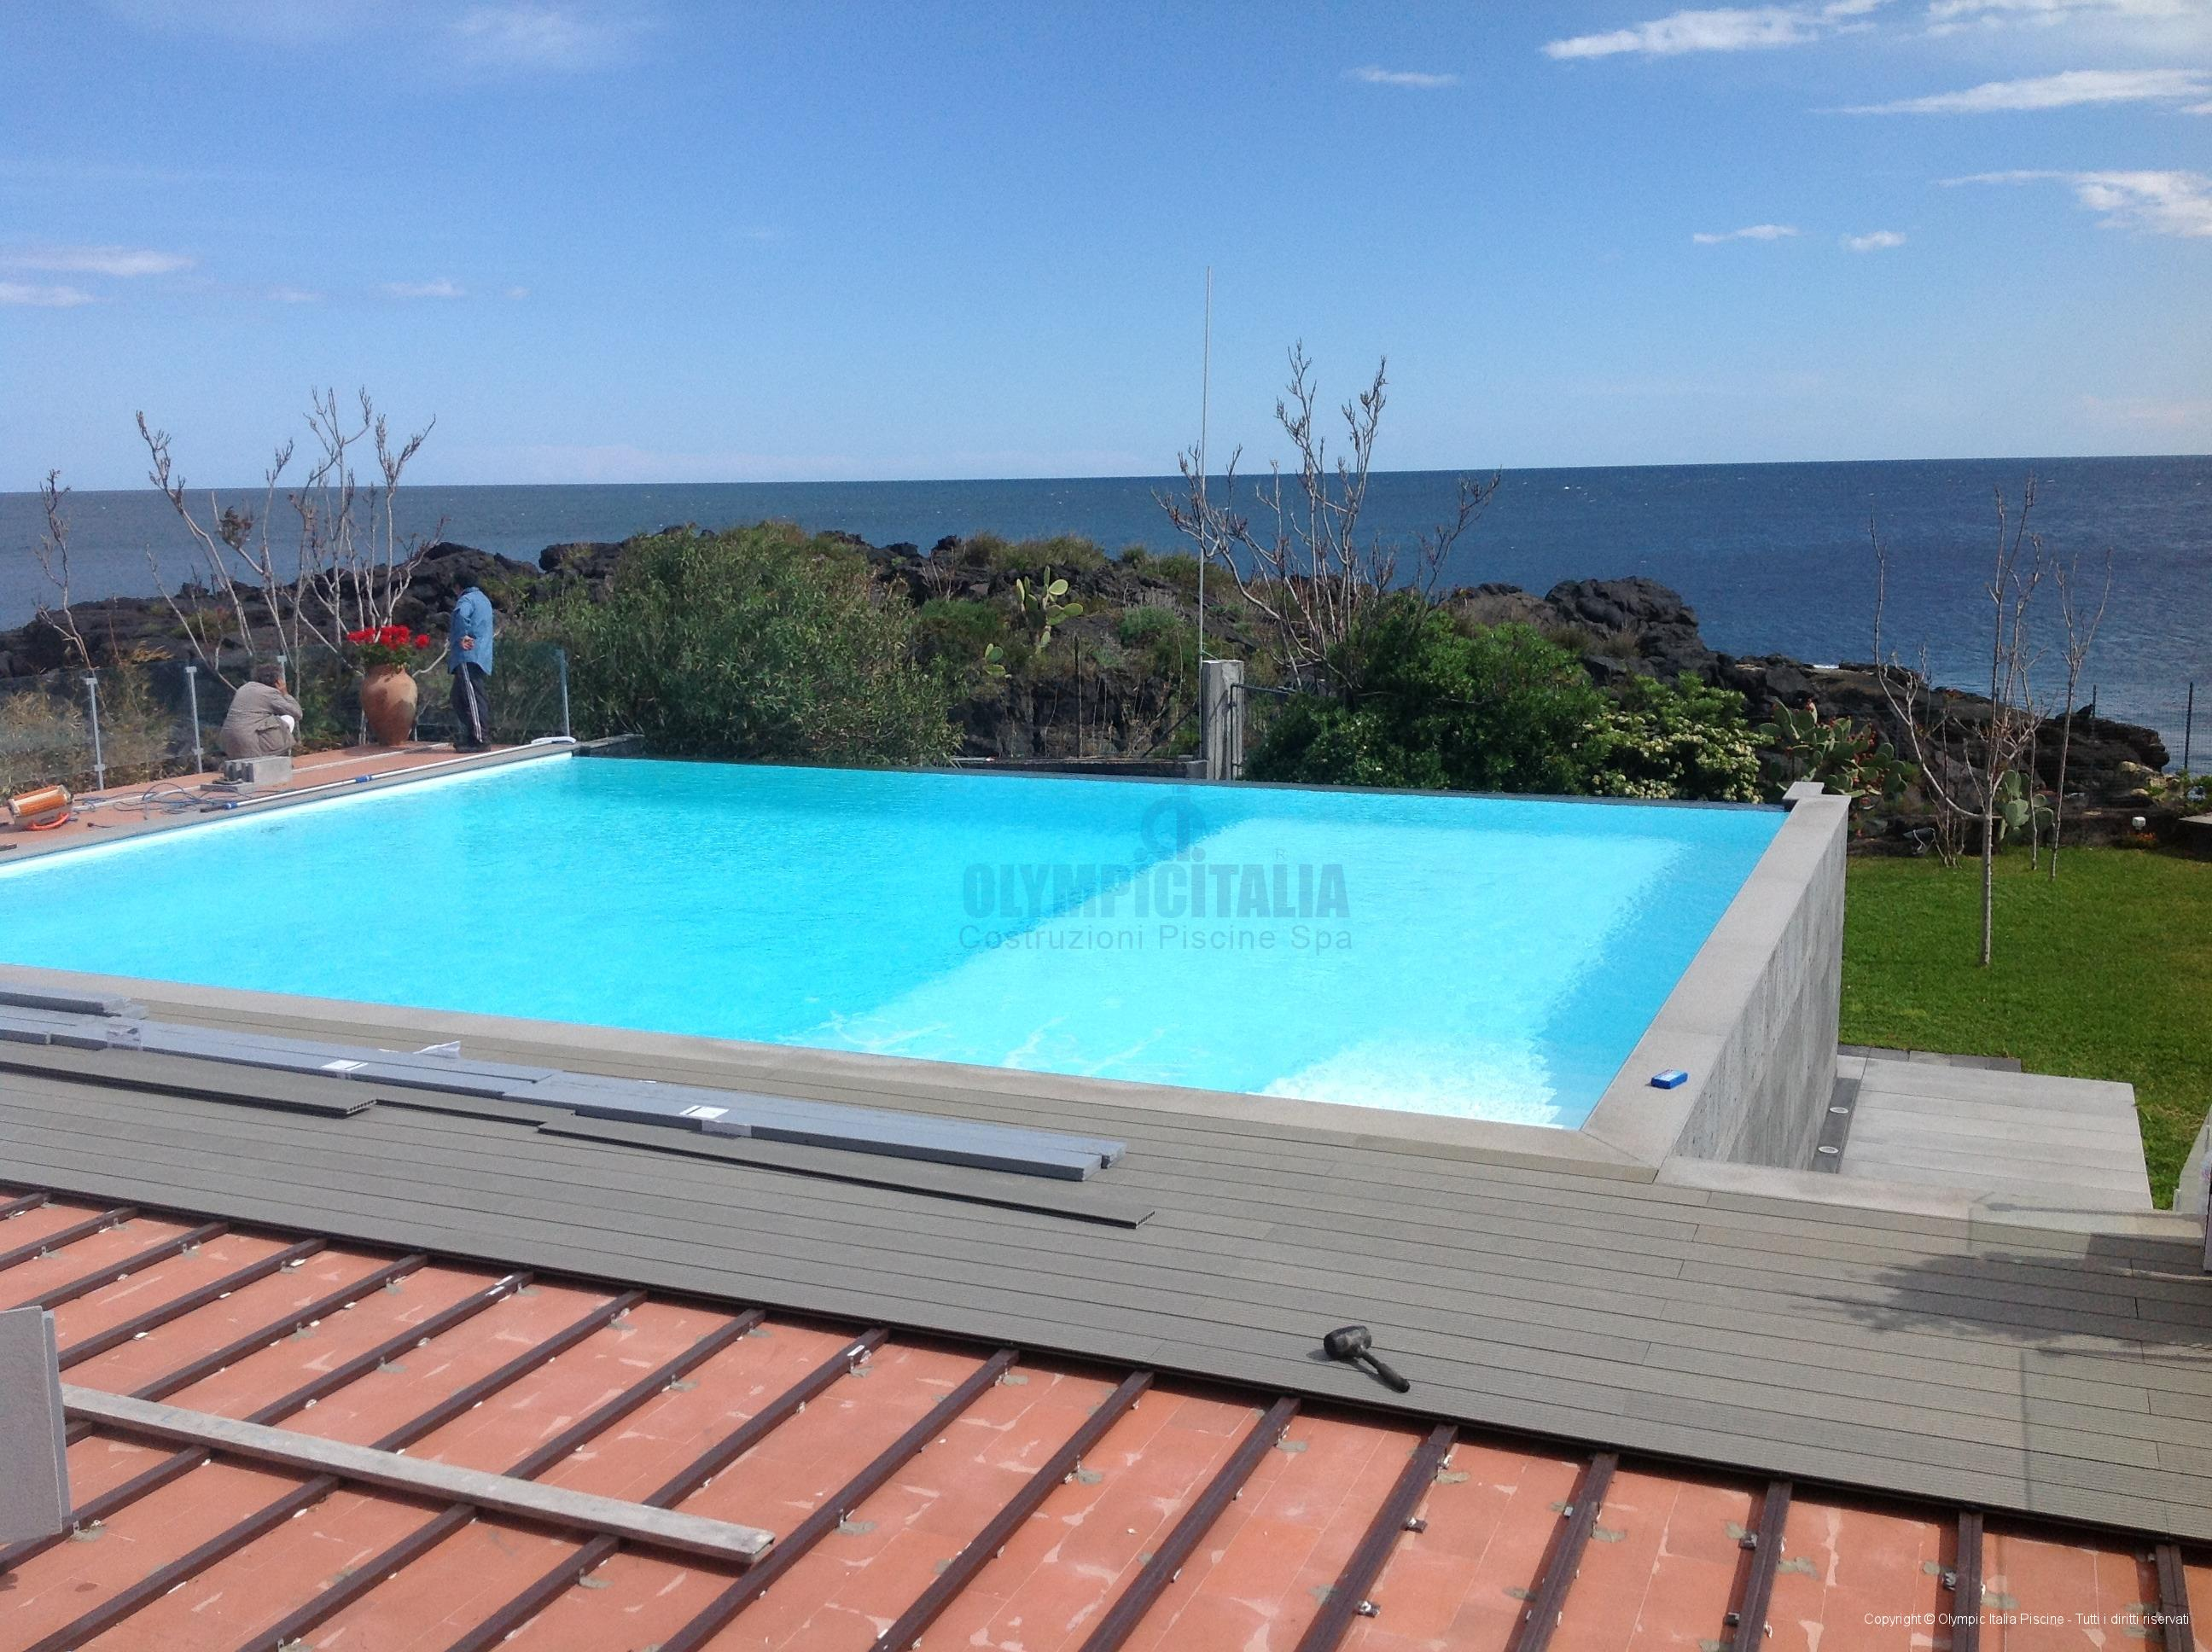 Piscine Sfioro A Cascata costruzione piscina bordo sfioro - struttura prefabbricata